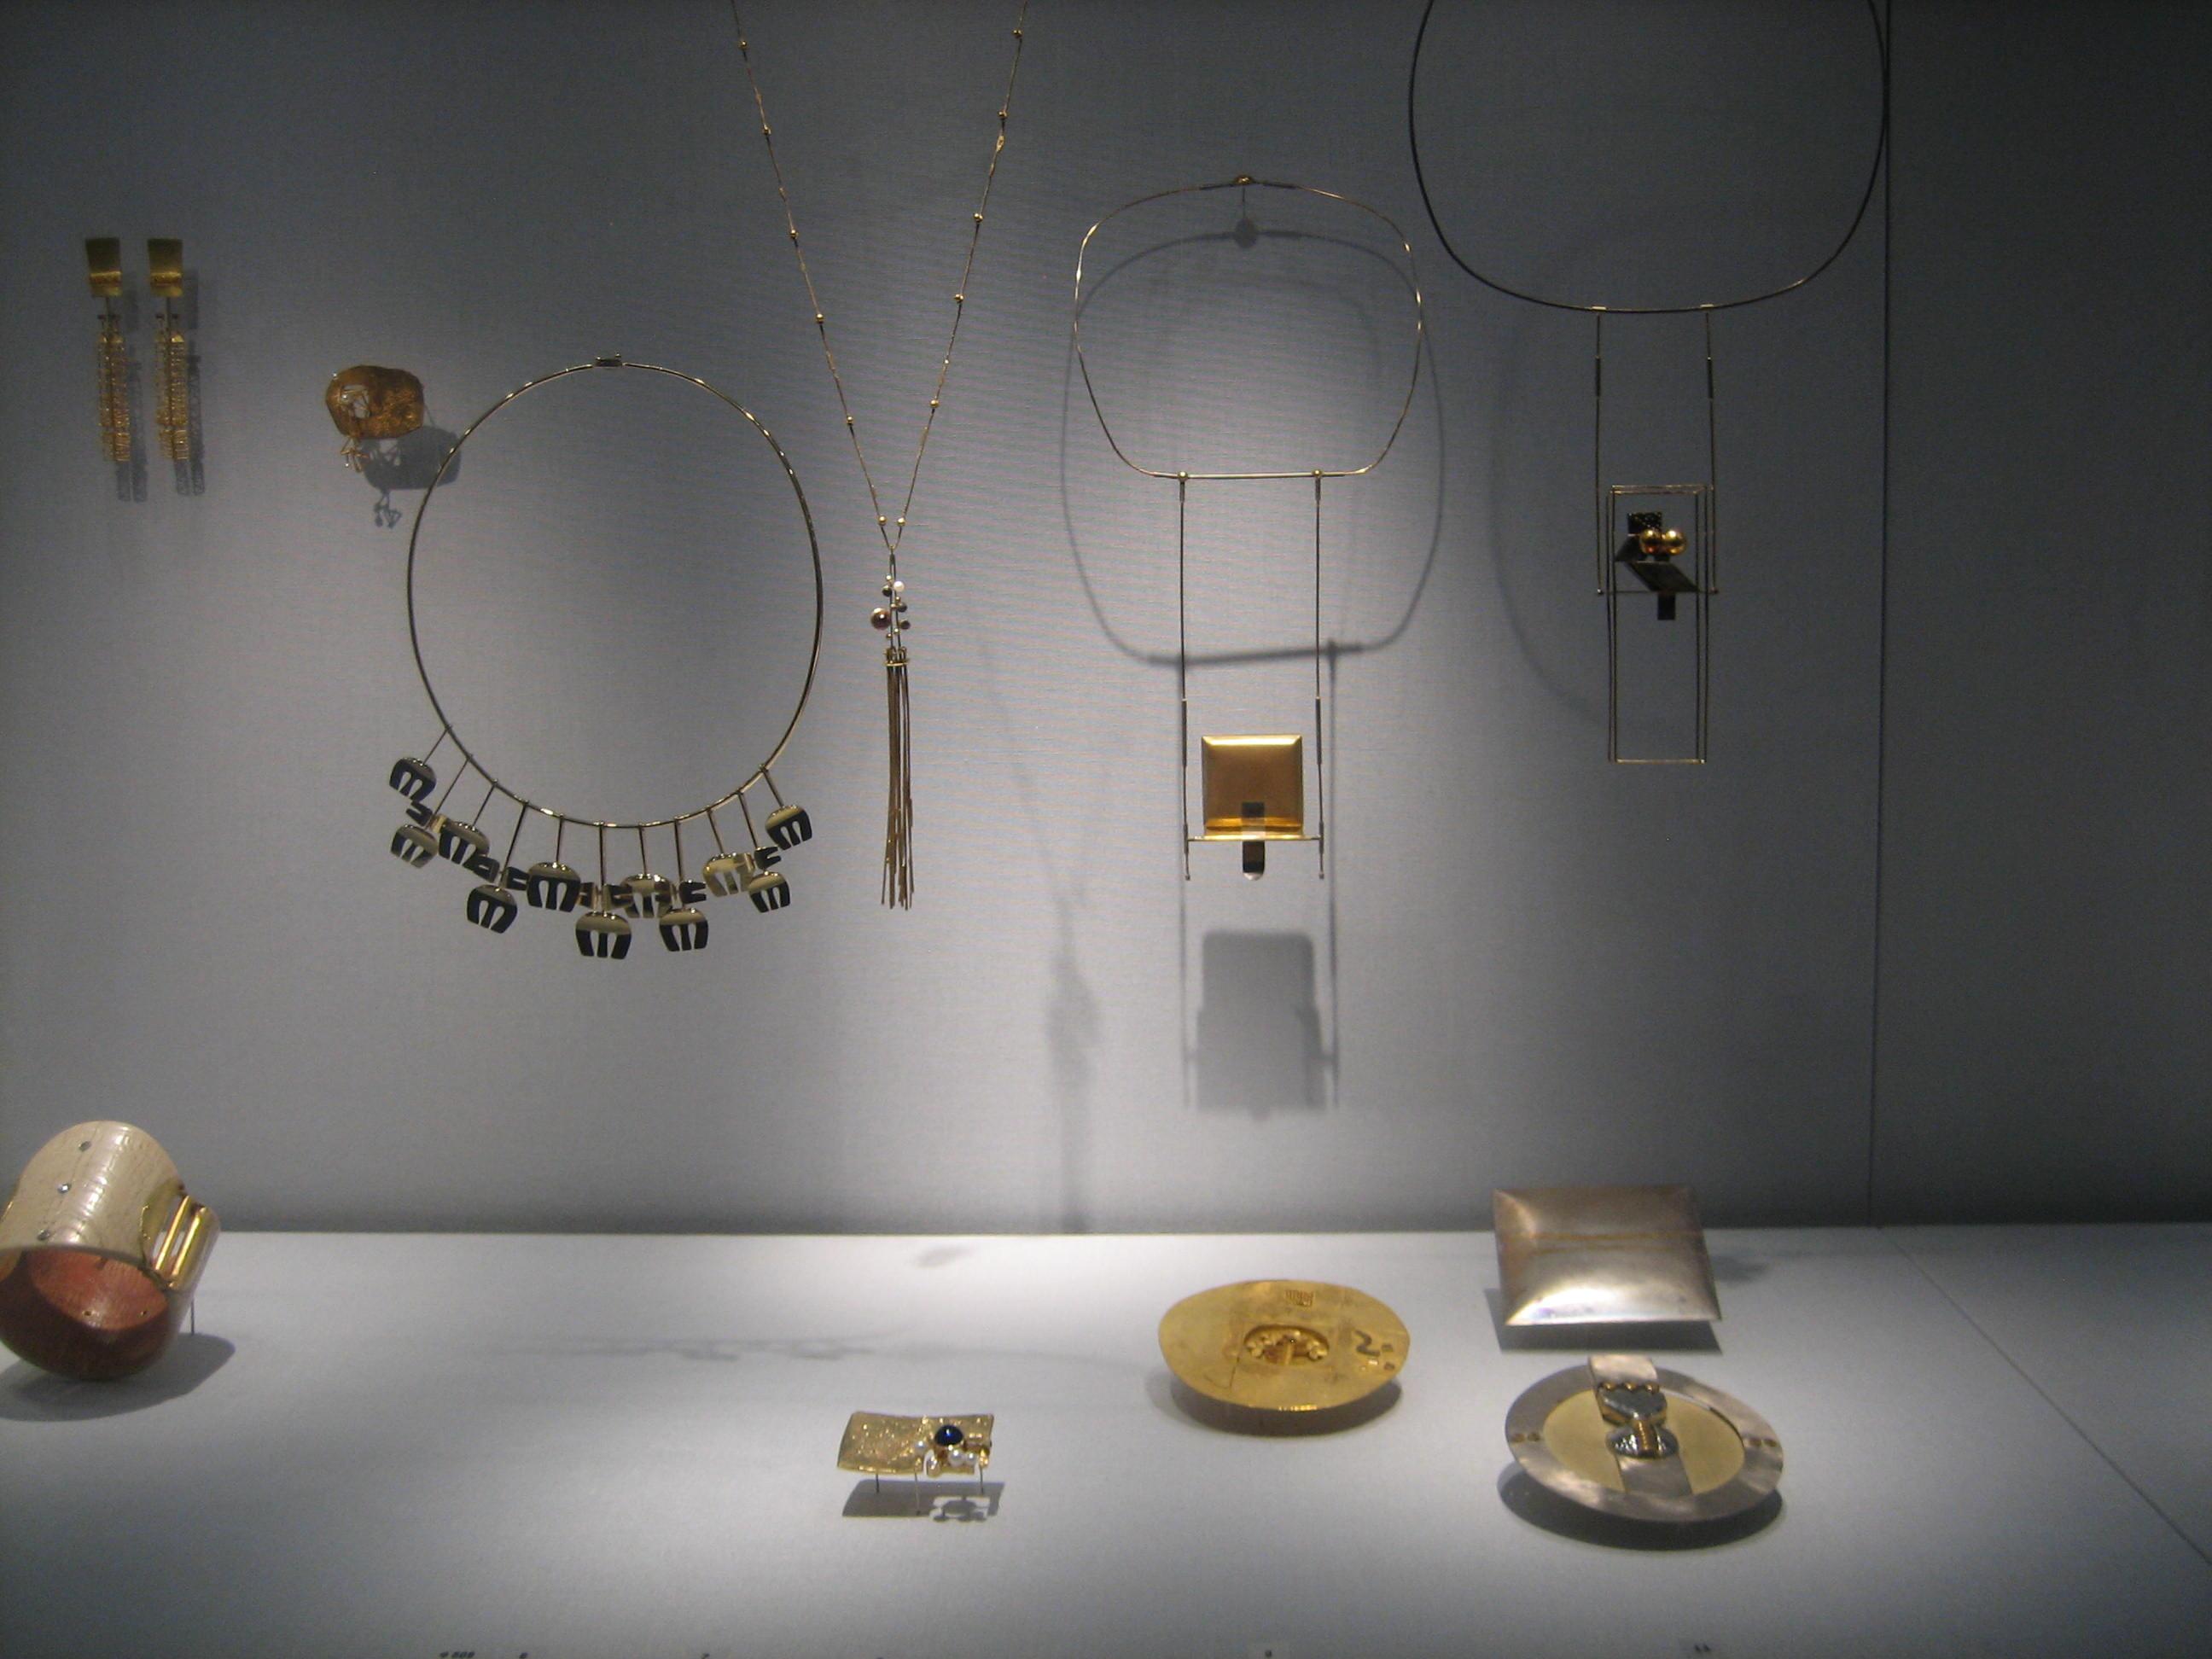 Reinhold Reiling. Collectie Schmuckmuseum Pforzheim. Foto Esther Doornbusch, mei 2019, vitrine, goud